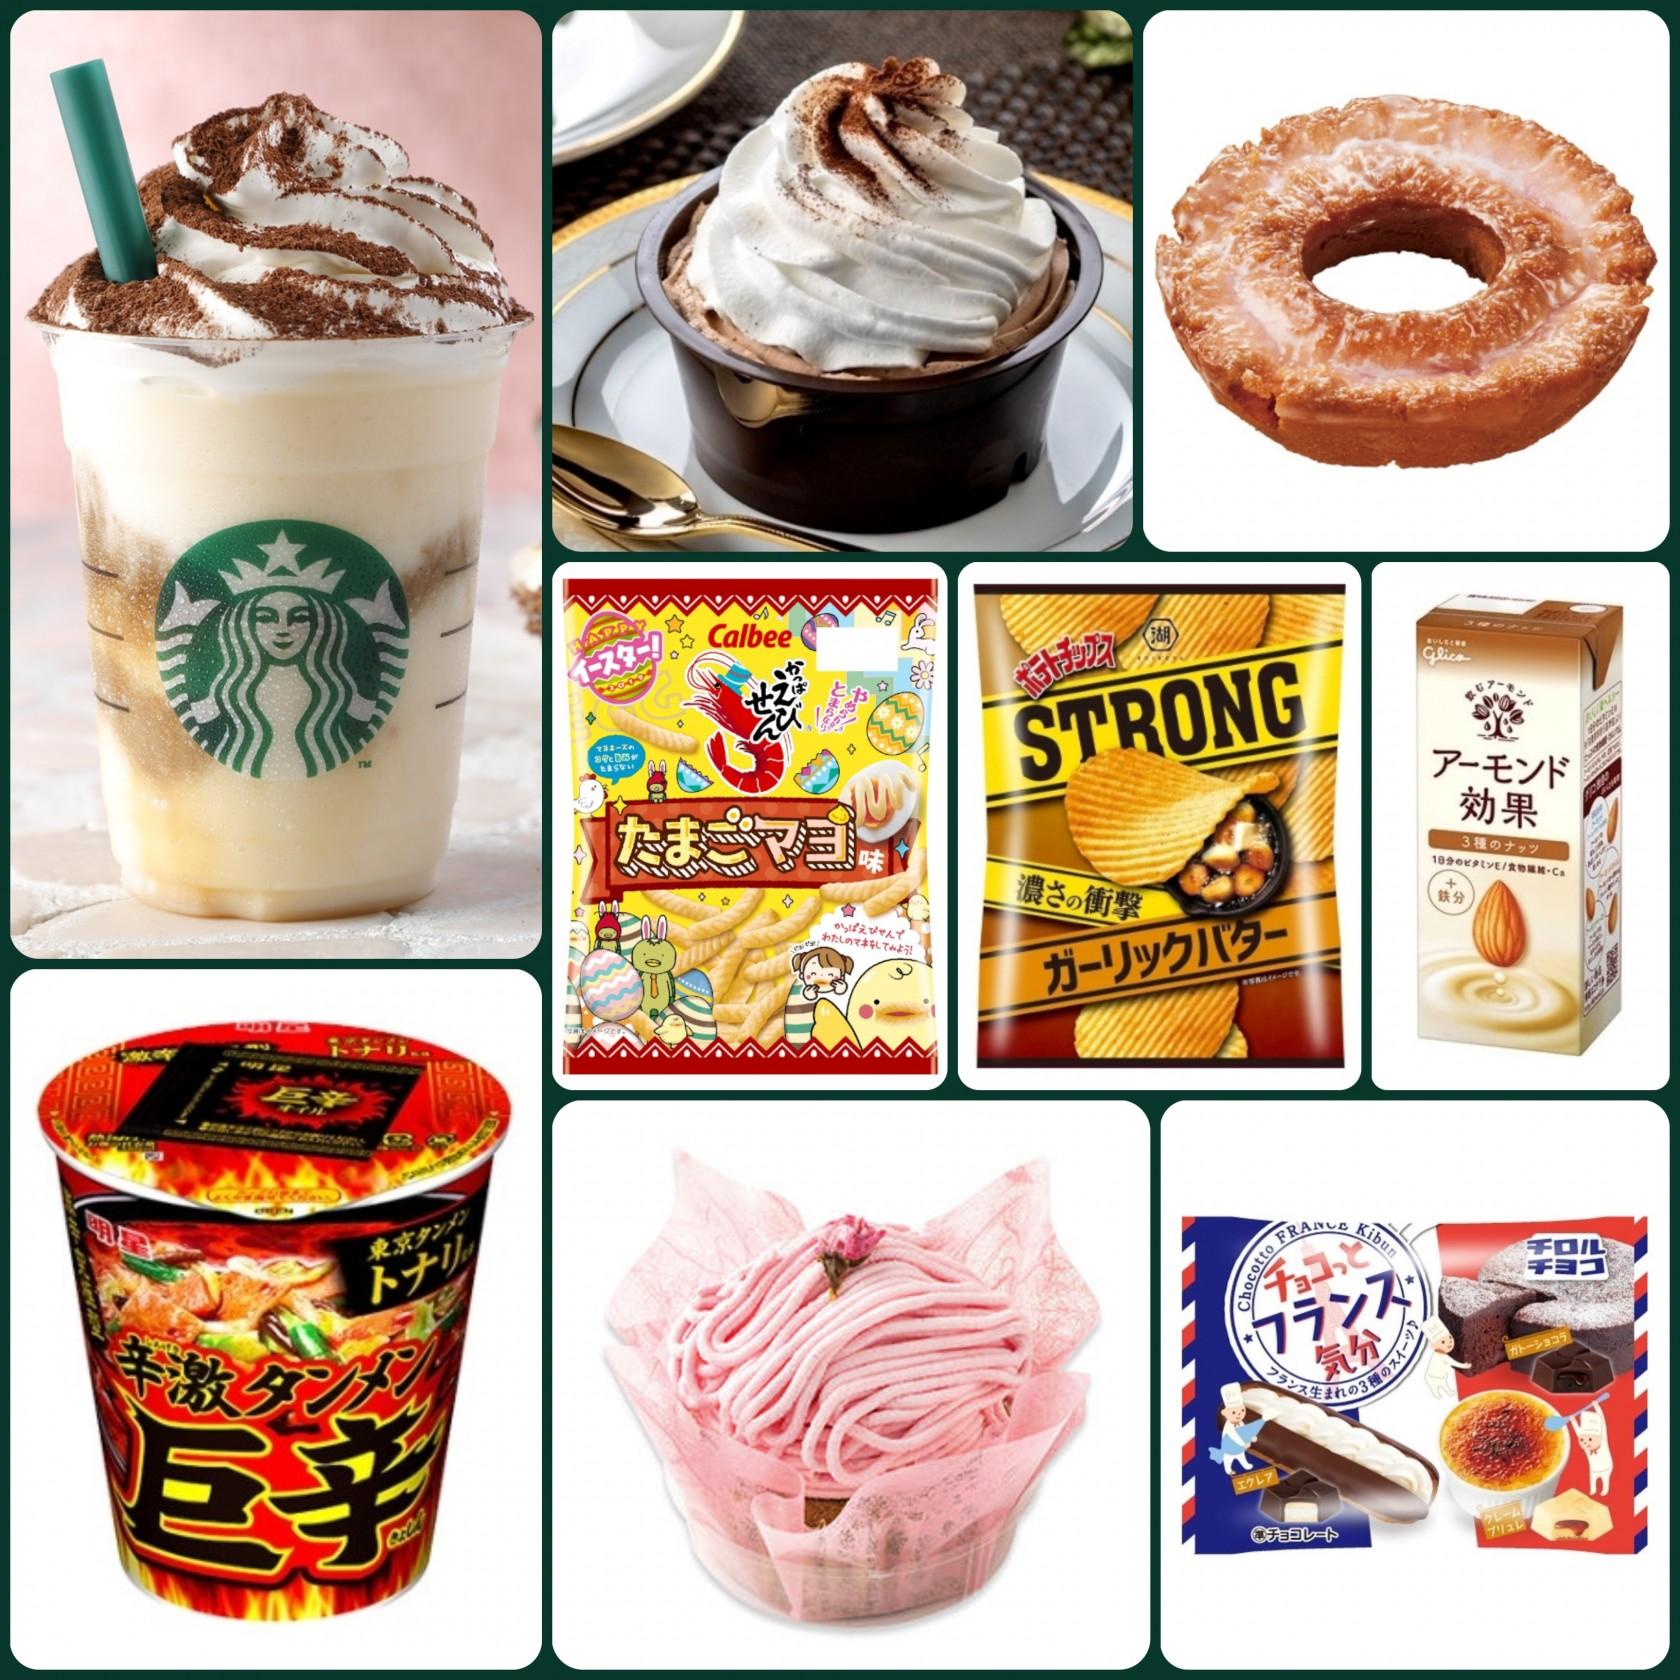 美味しいものNO1!各ジャンルの人気商品を一挙に紹介!